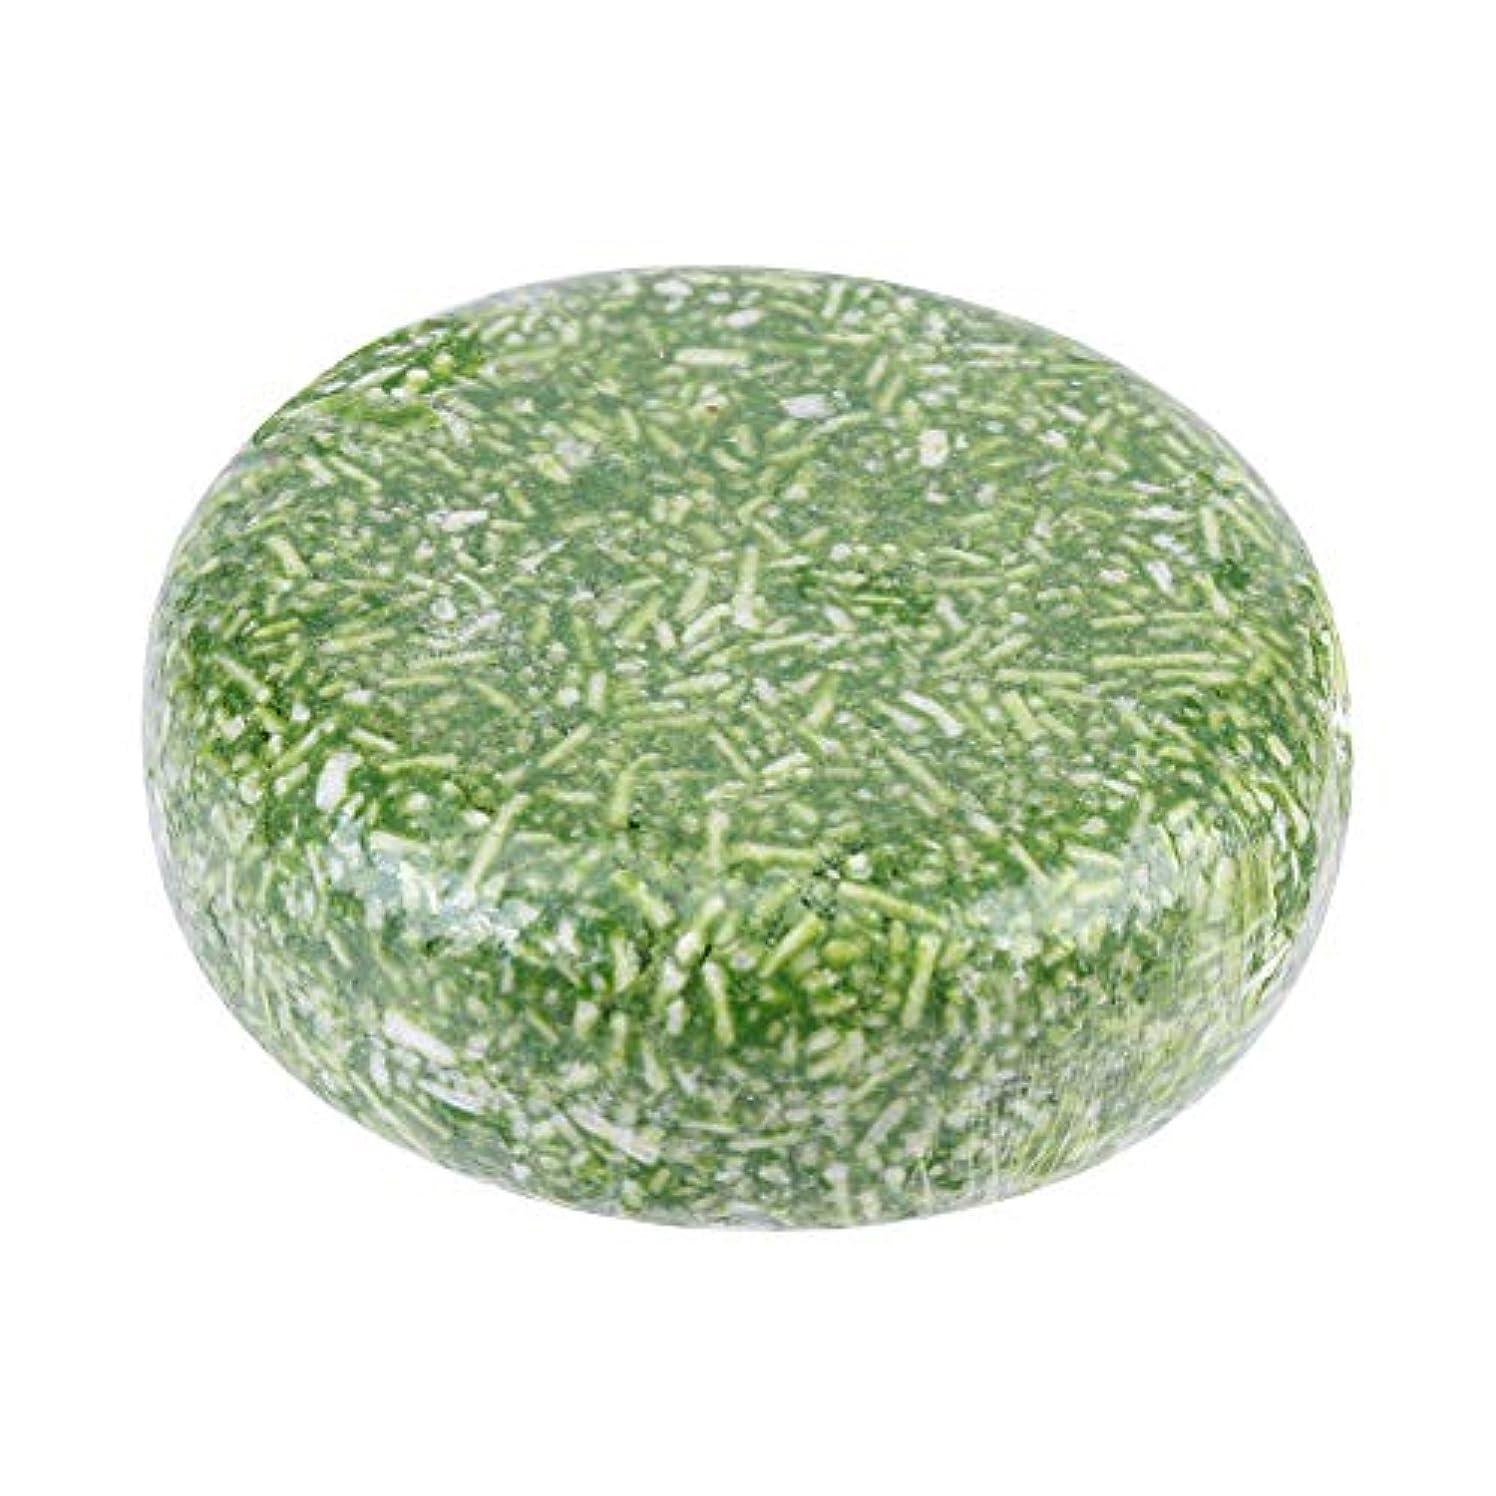 添付性別エコーオーガニック手作り冷たいシナモンシャンプーバー100%ピュアヘアシャンプー(グリーン)